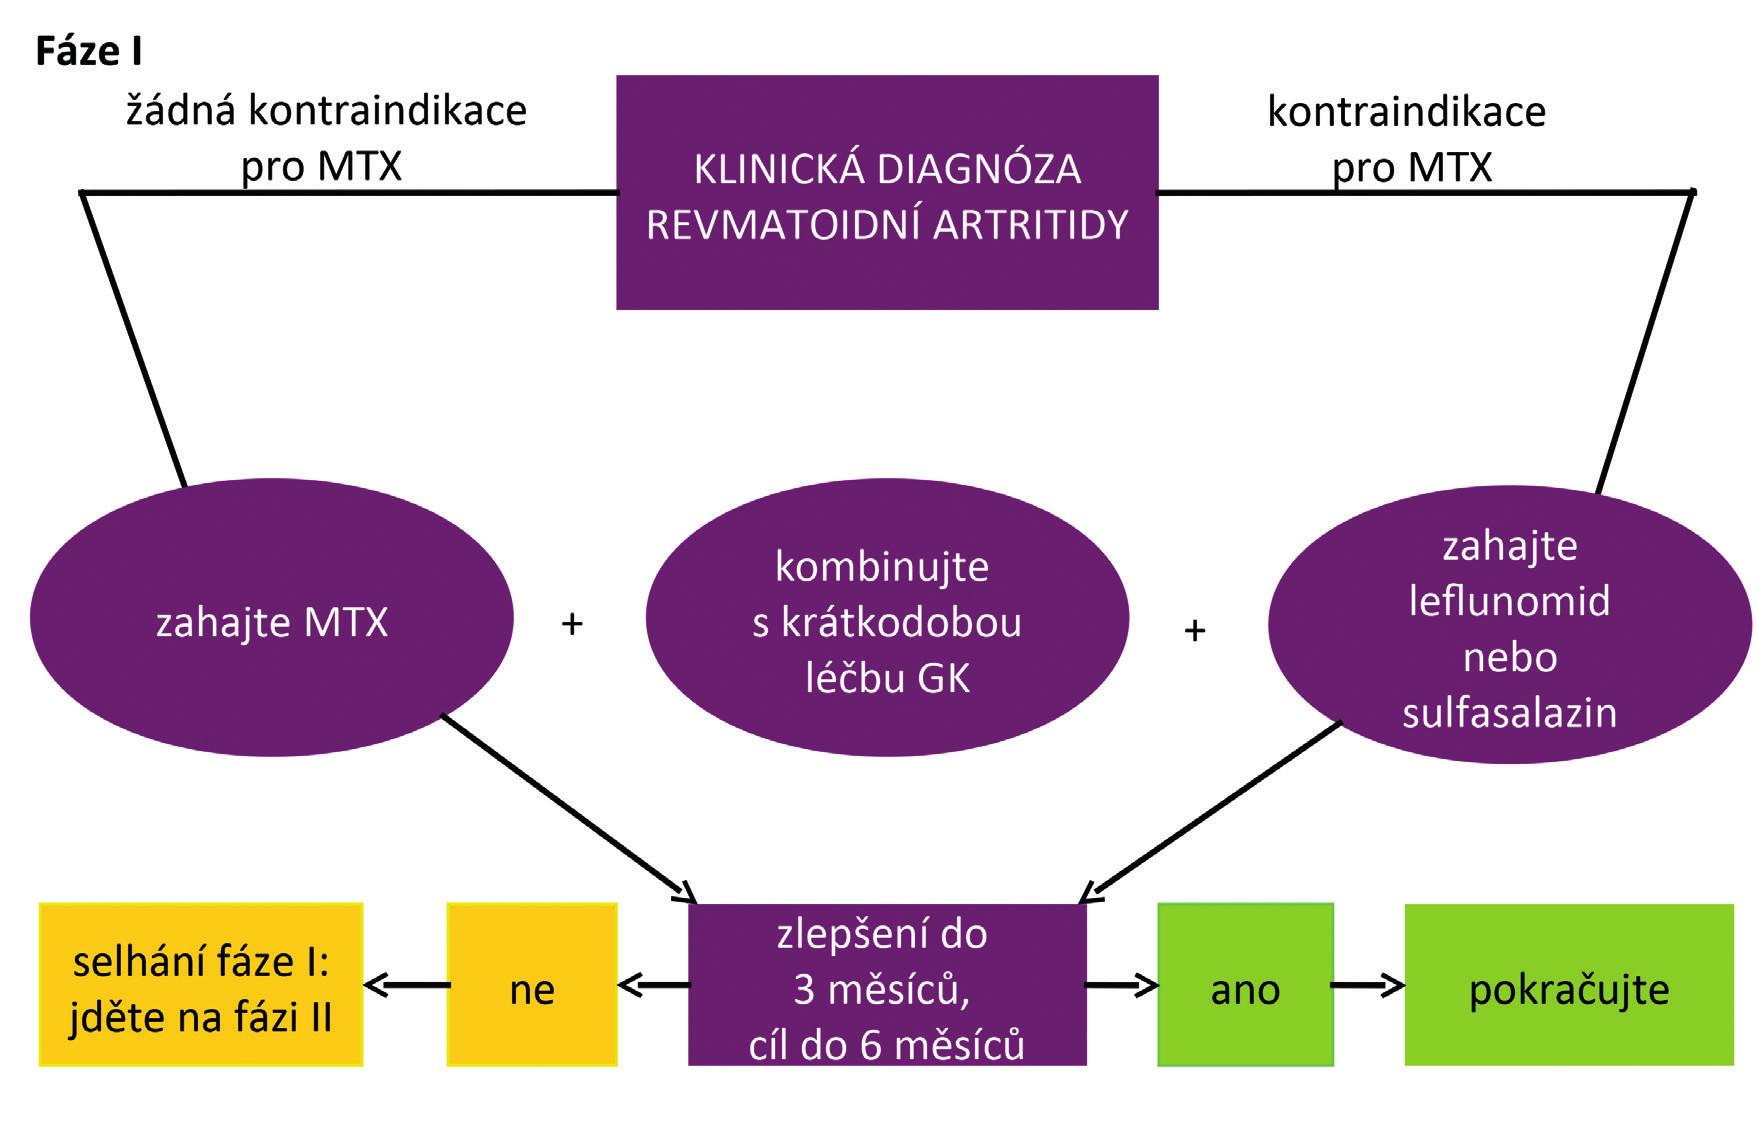 Doporučený algoritmus léčby RA podle EULAR 2016 (podle 3)